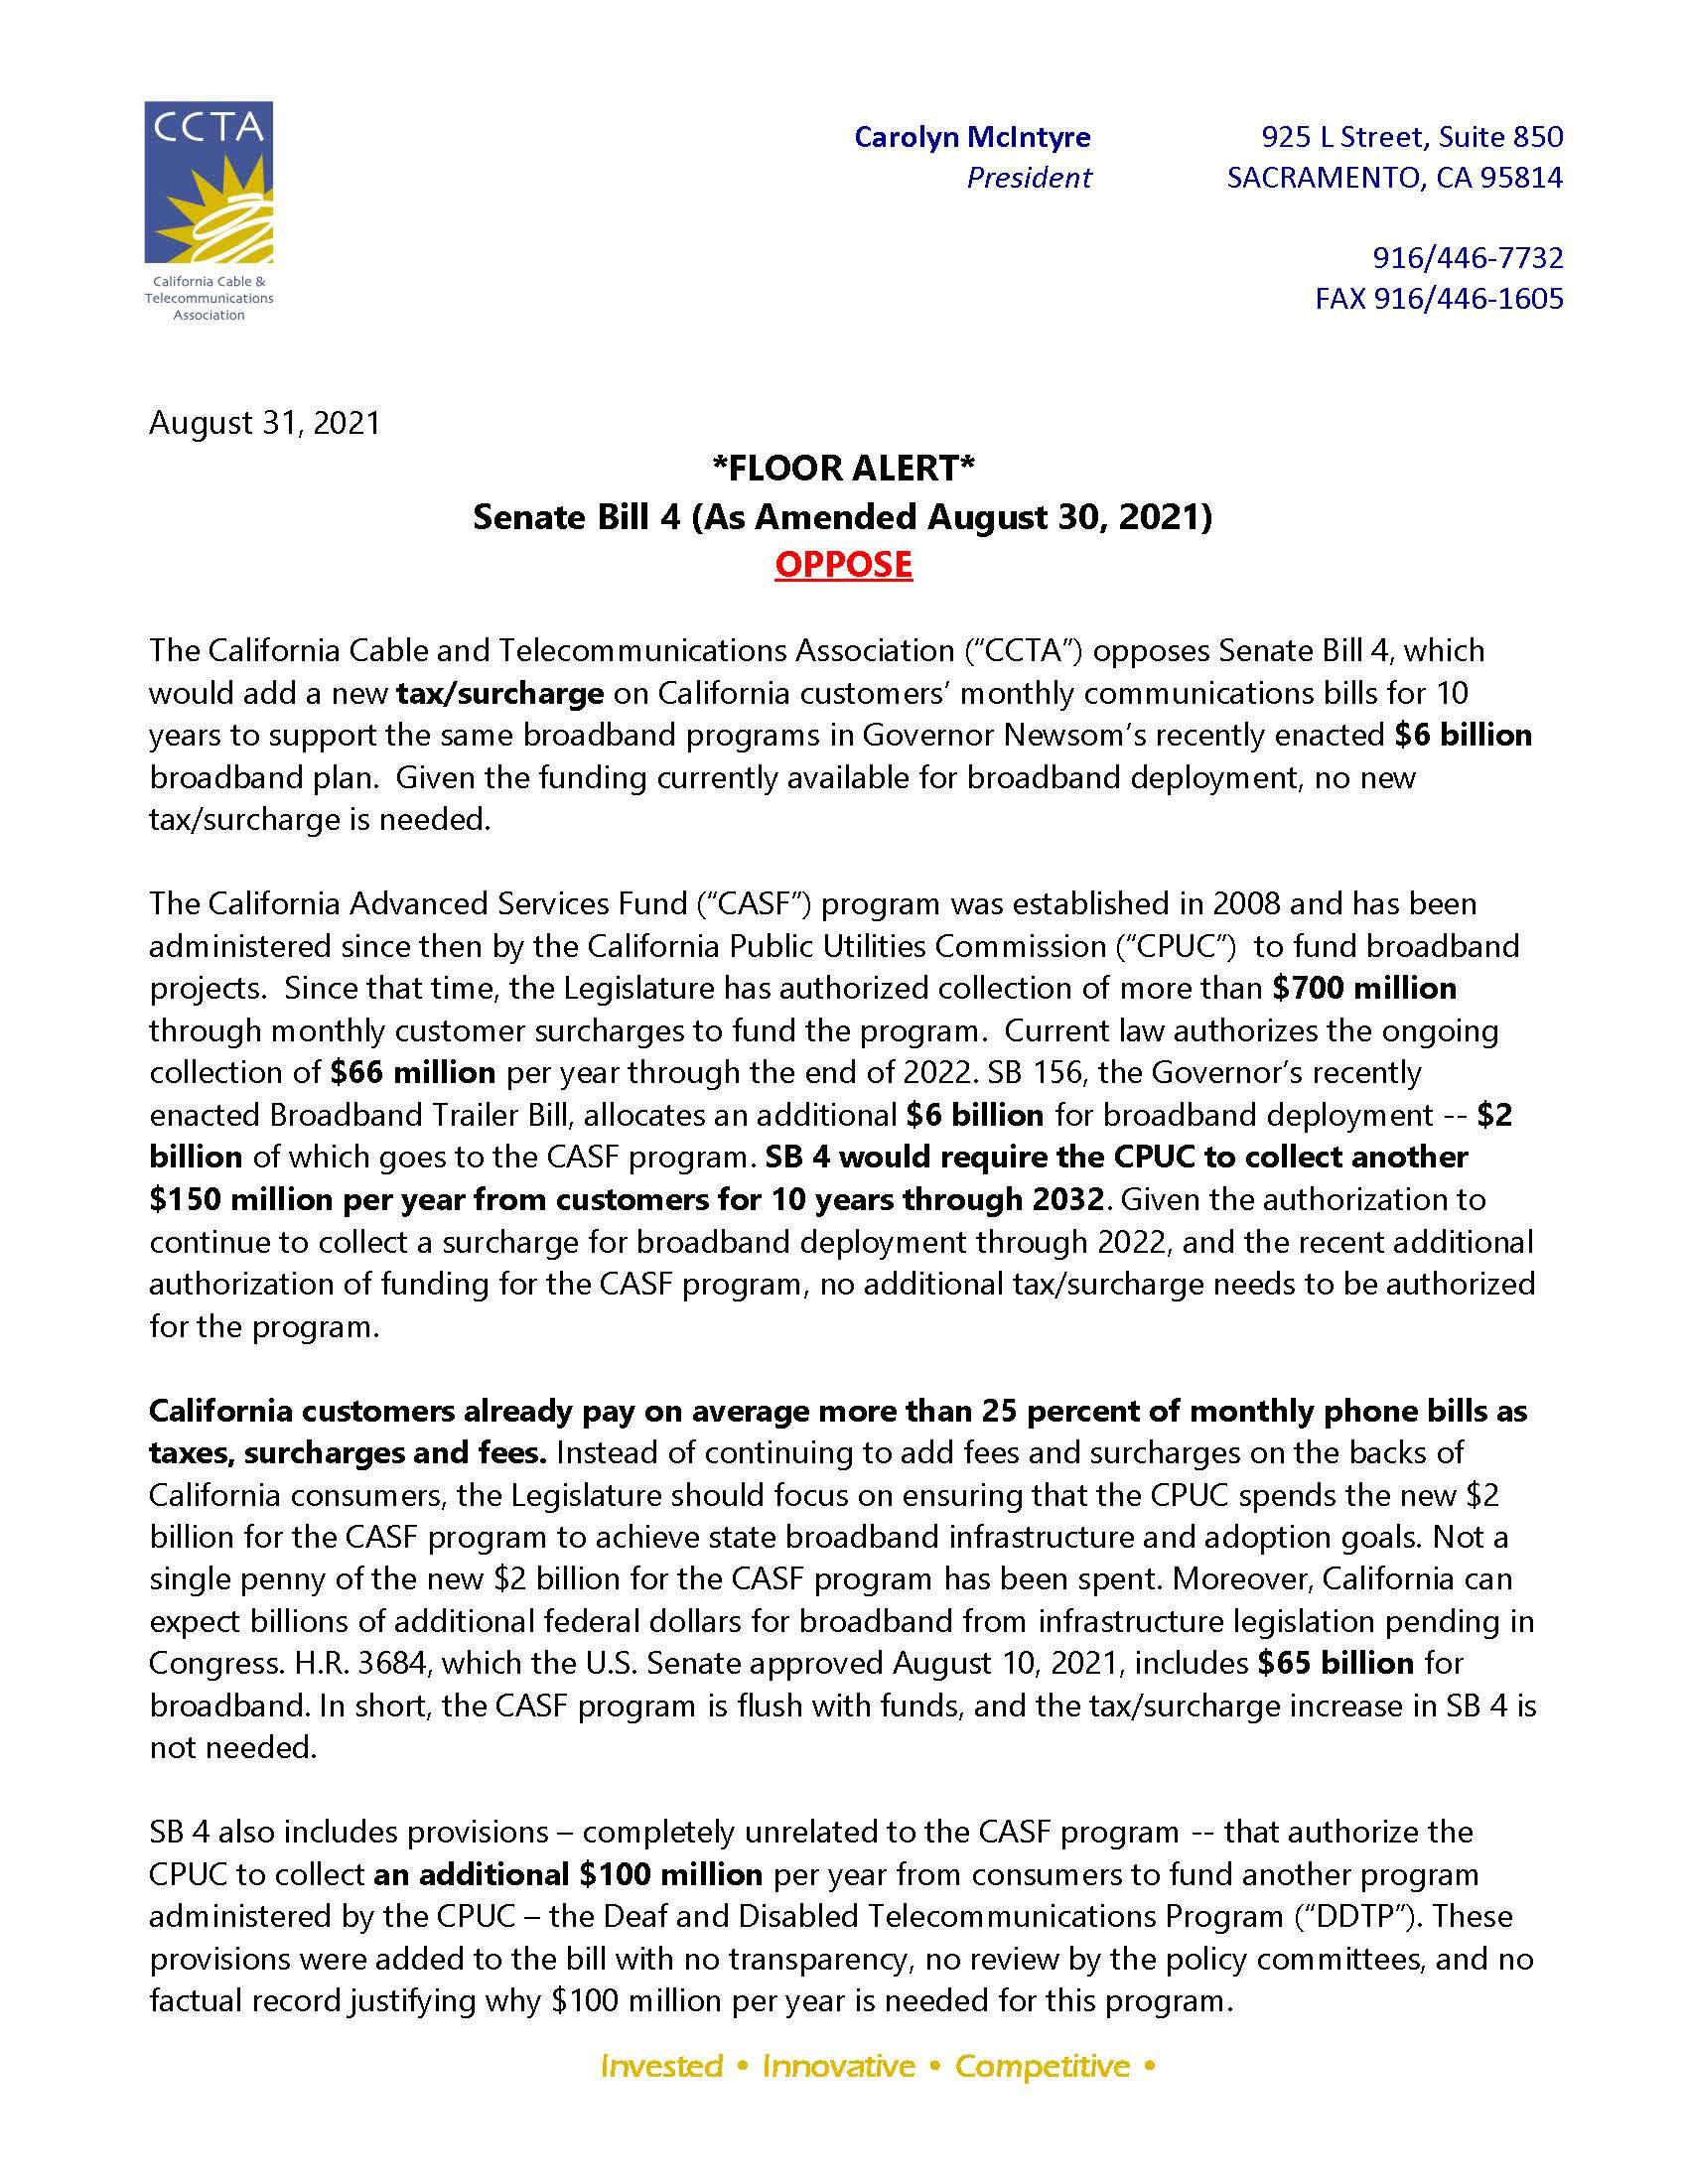 SB 4 (Gonzalez) CCTA Opposition Floor Alert 8.31.21_Page_1